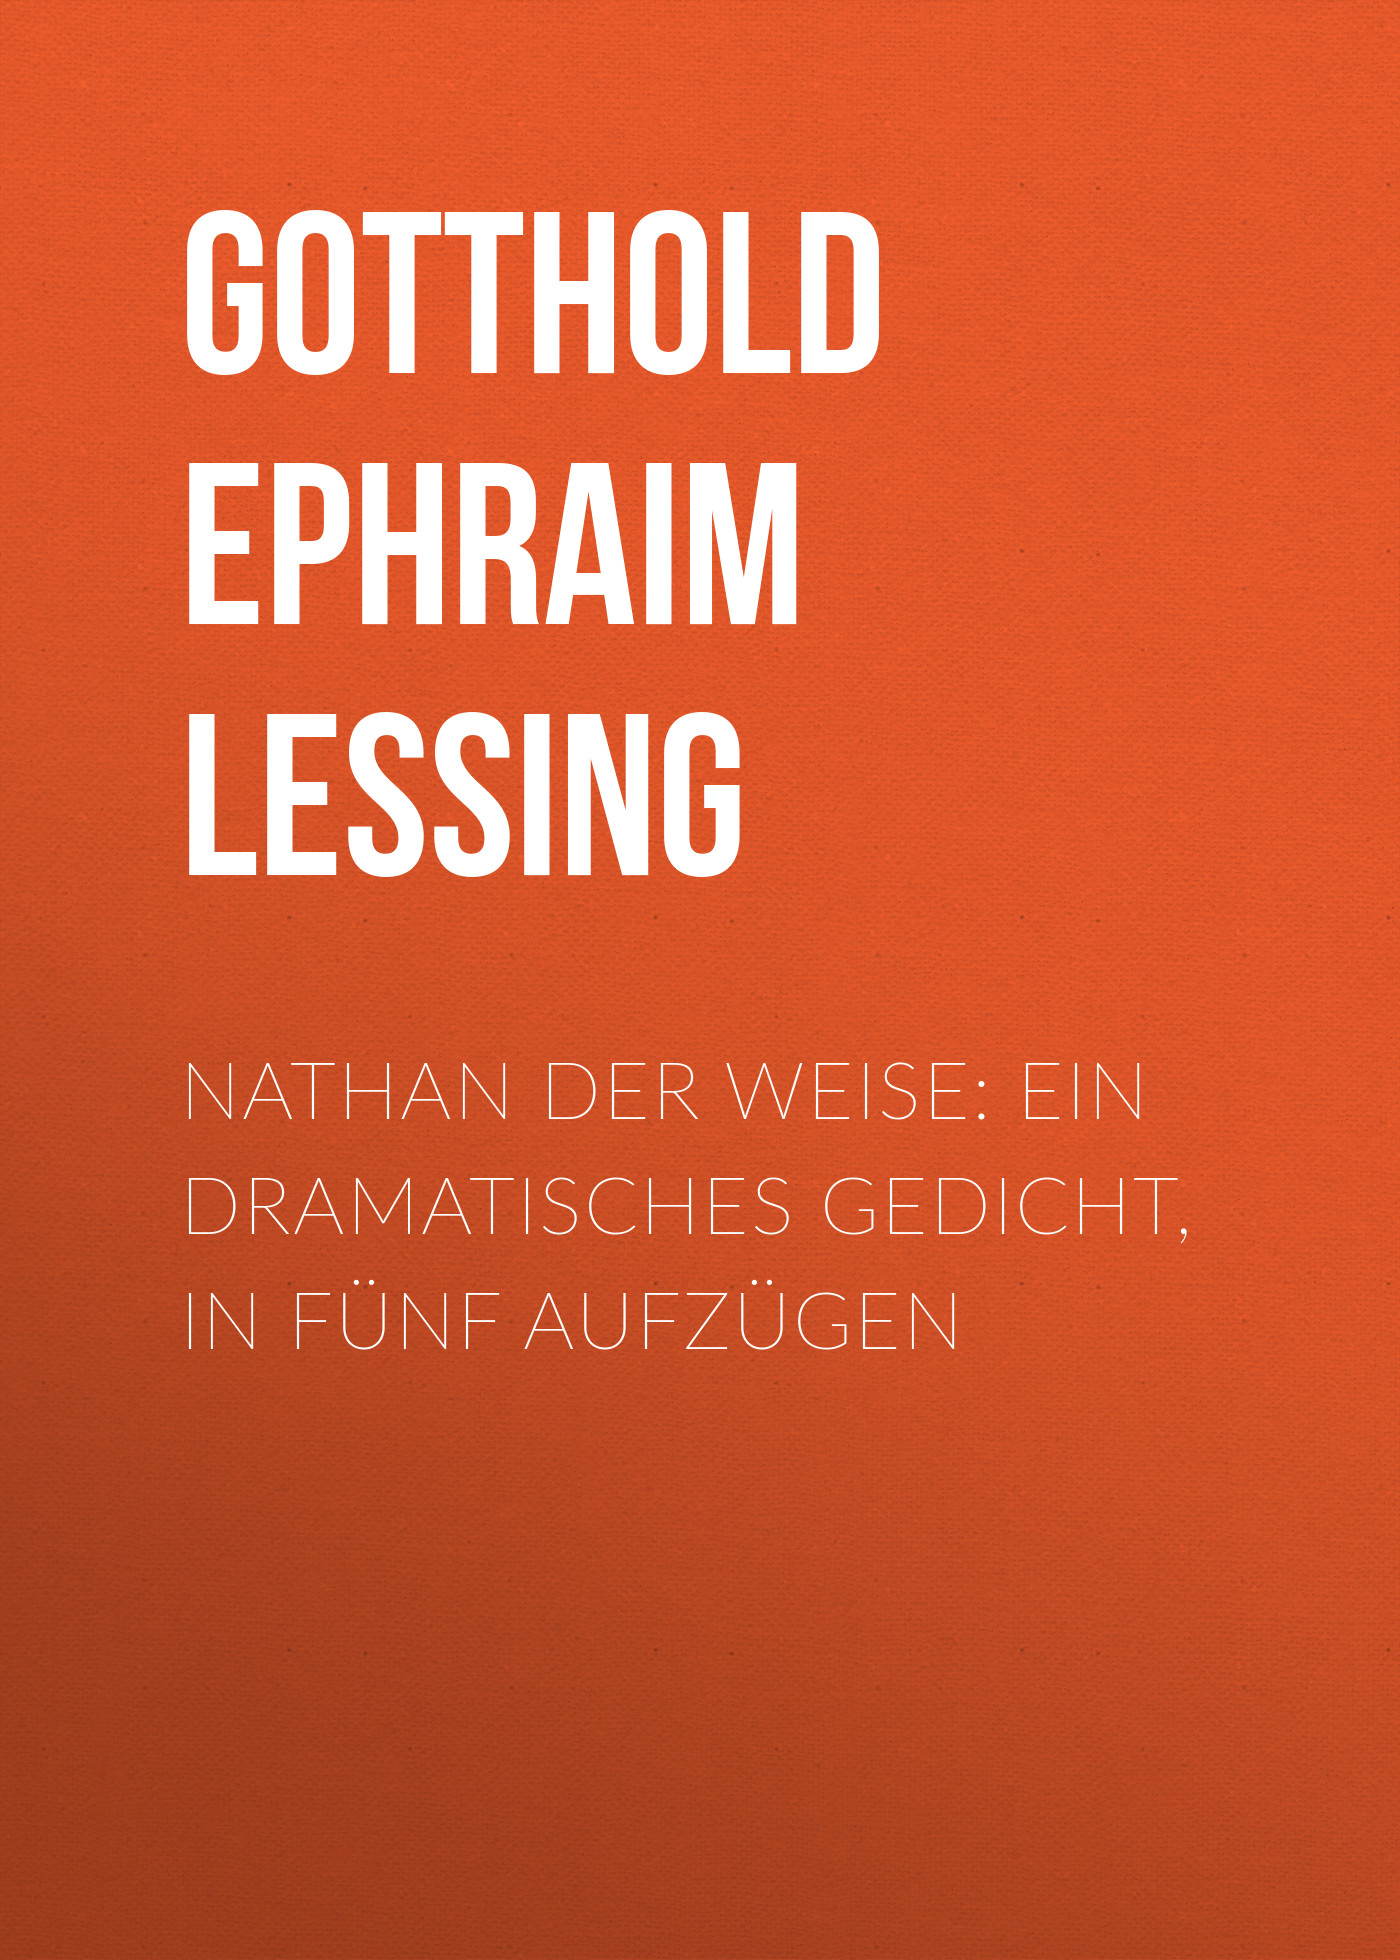 Gotthold Ephraim Lessing Nathan der Weise: Ein Dramatisches Gedicht, in fünf Aufzügen new original programmable controller module 1746 ob16e